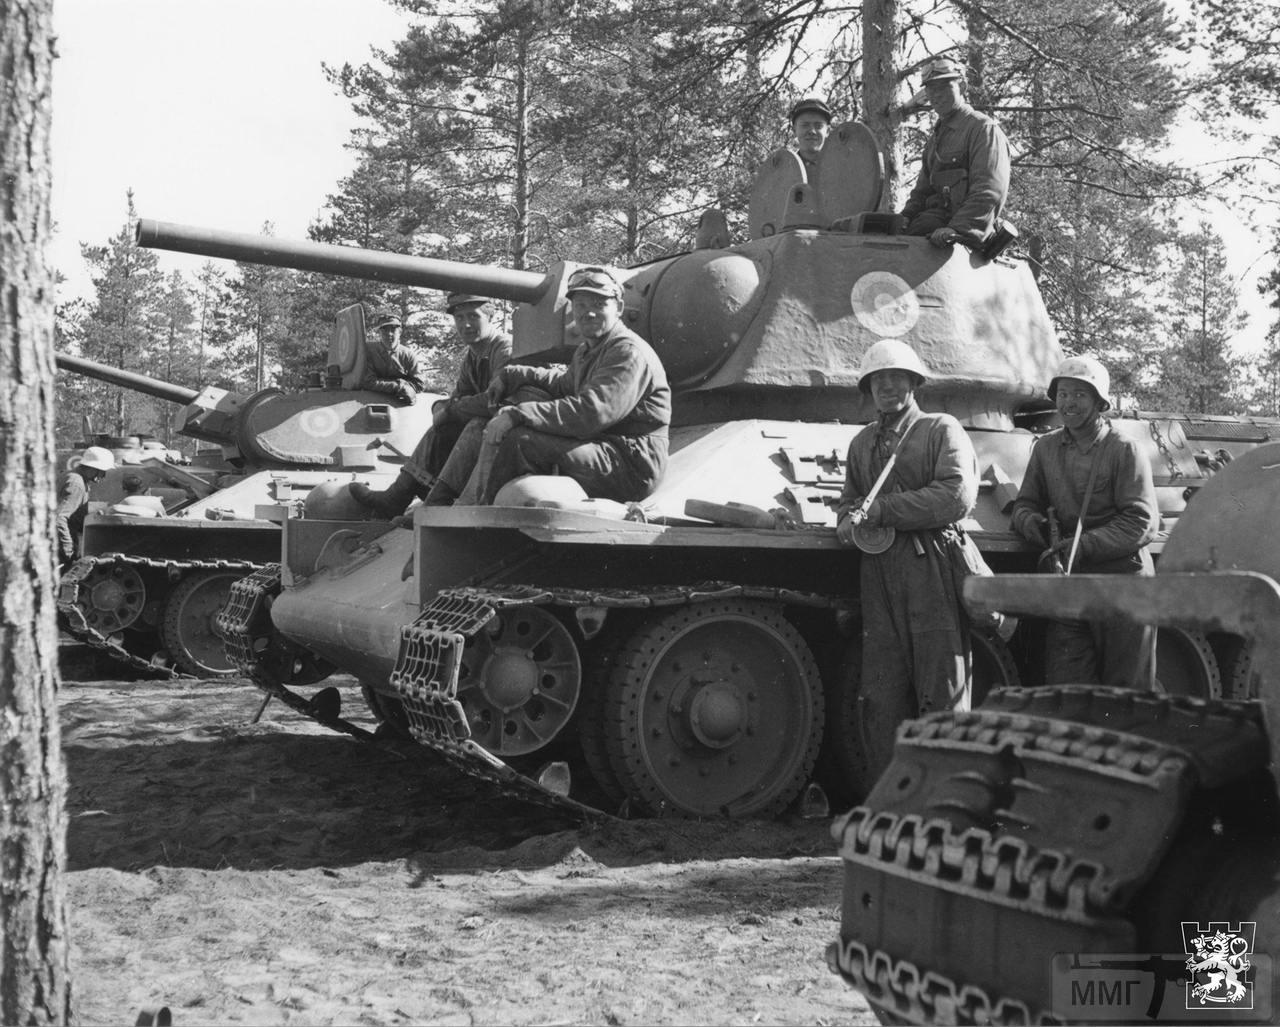 109848 - Послевоенное использование советской бронетехники WW2